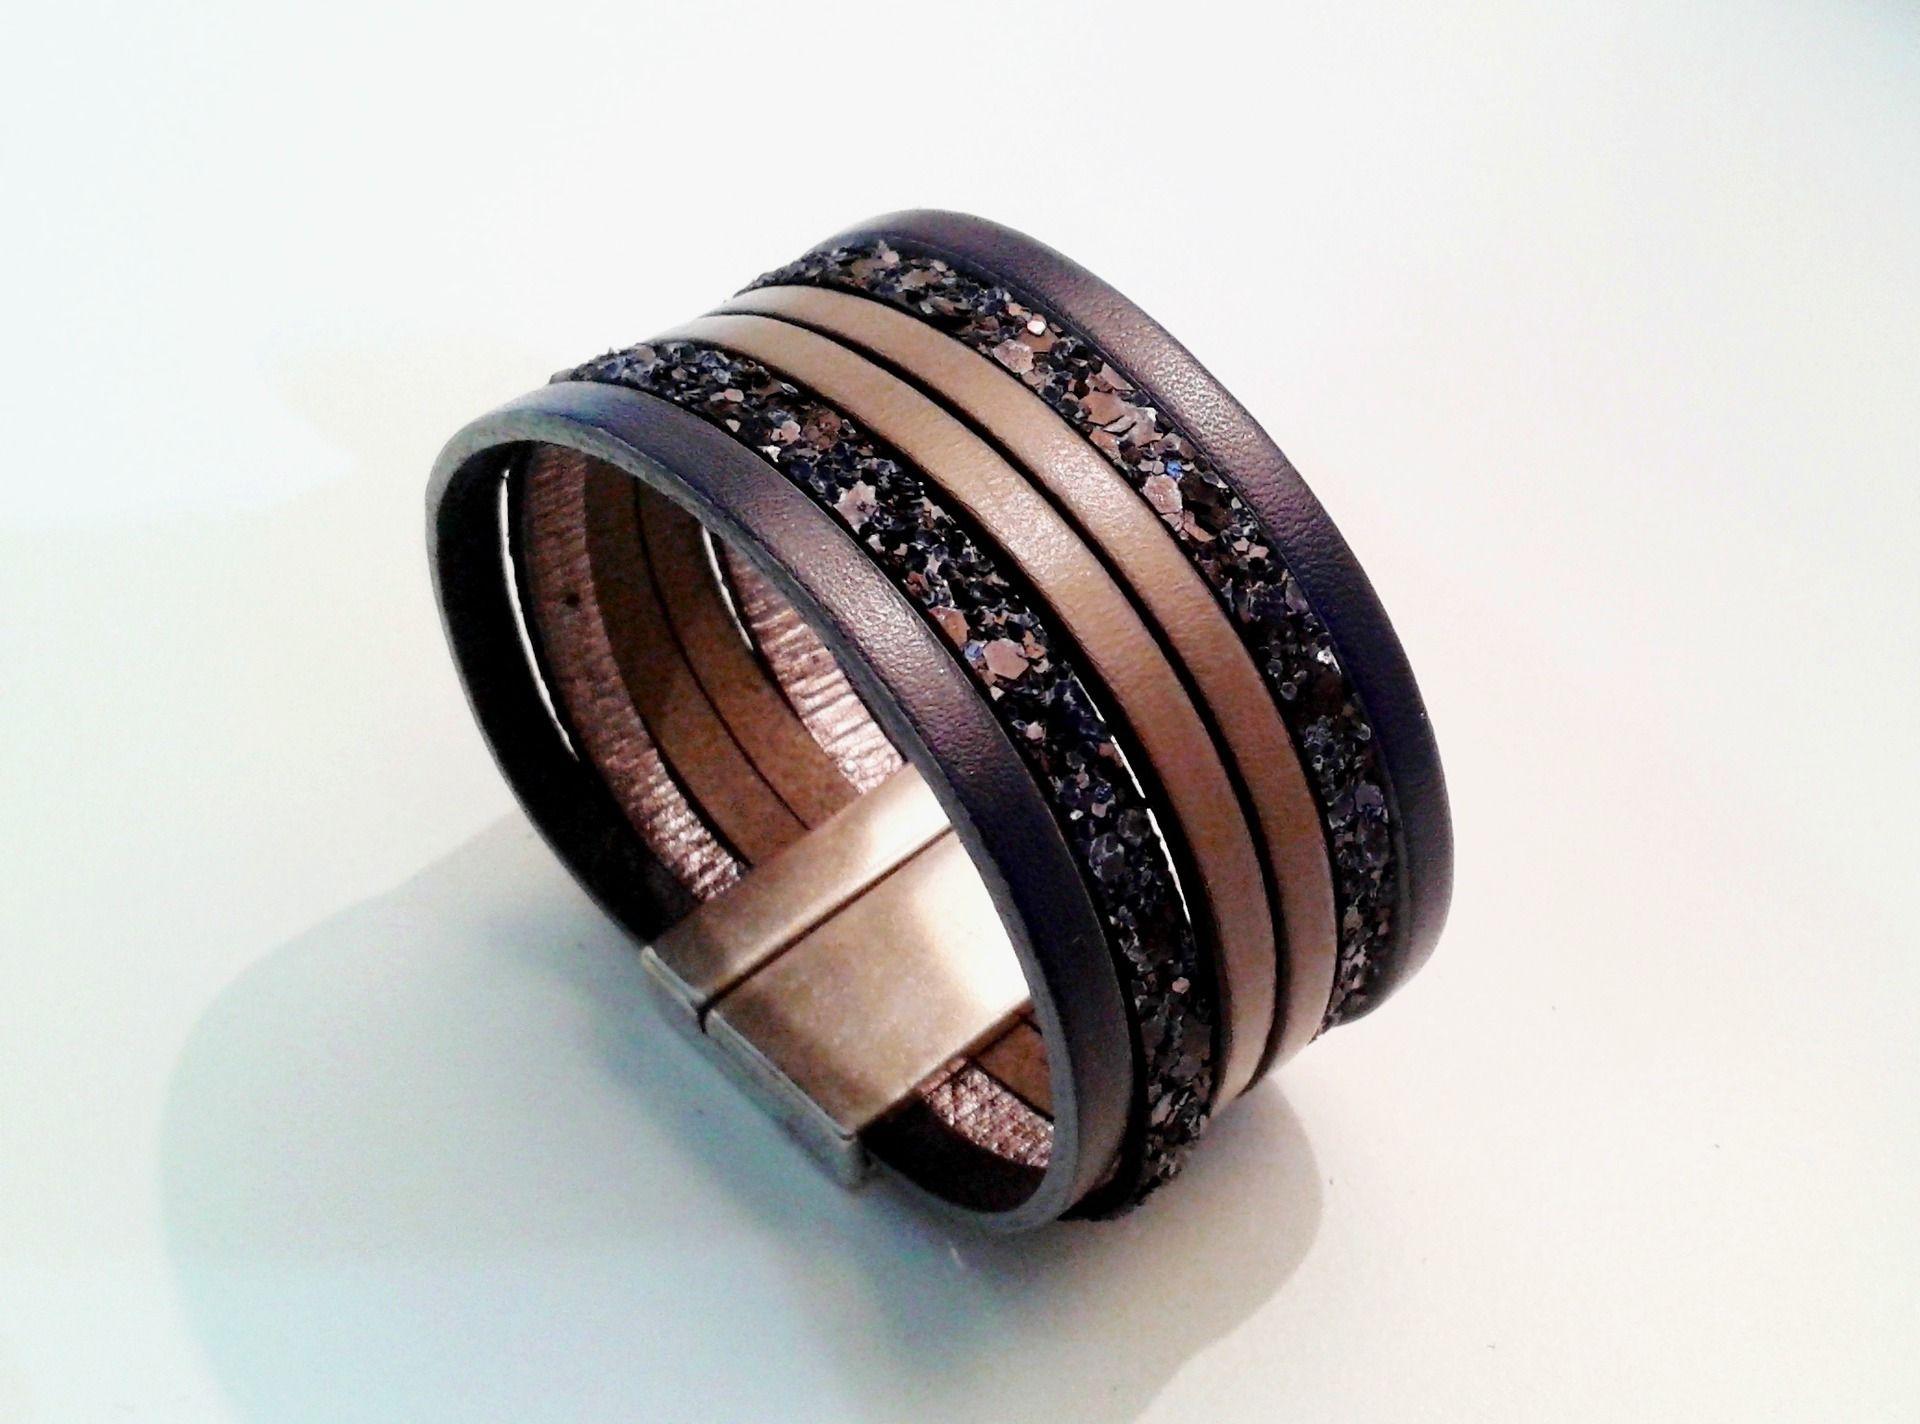 manchette cuir bleu marine pailleté marine gris ardoise avec fermoir aimanté zamac argent : Bracelet par eddco